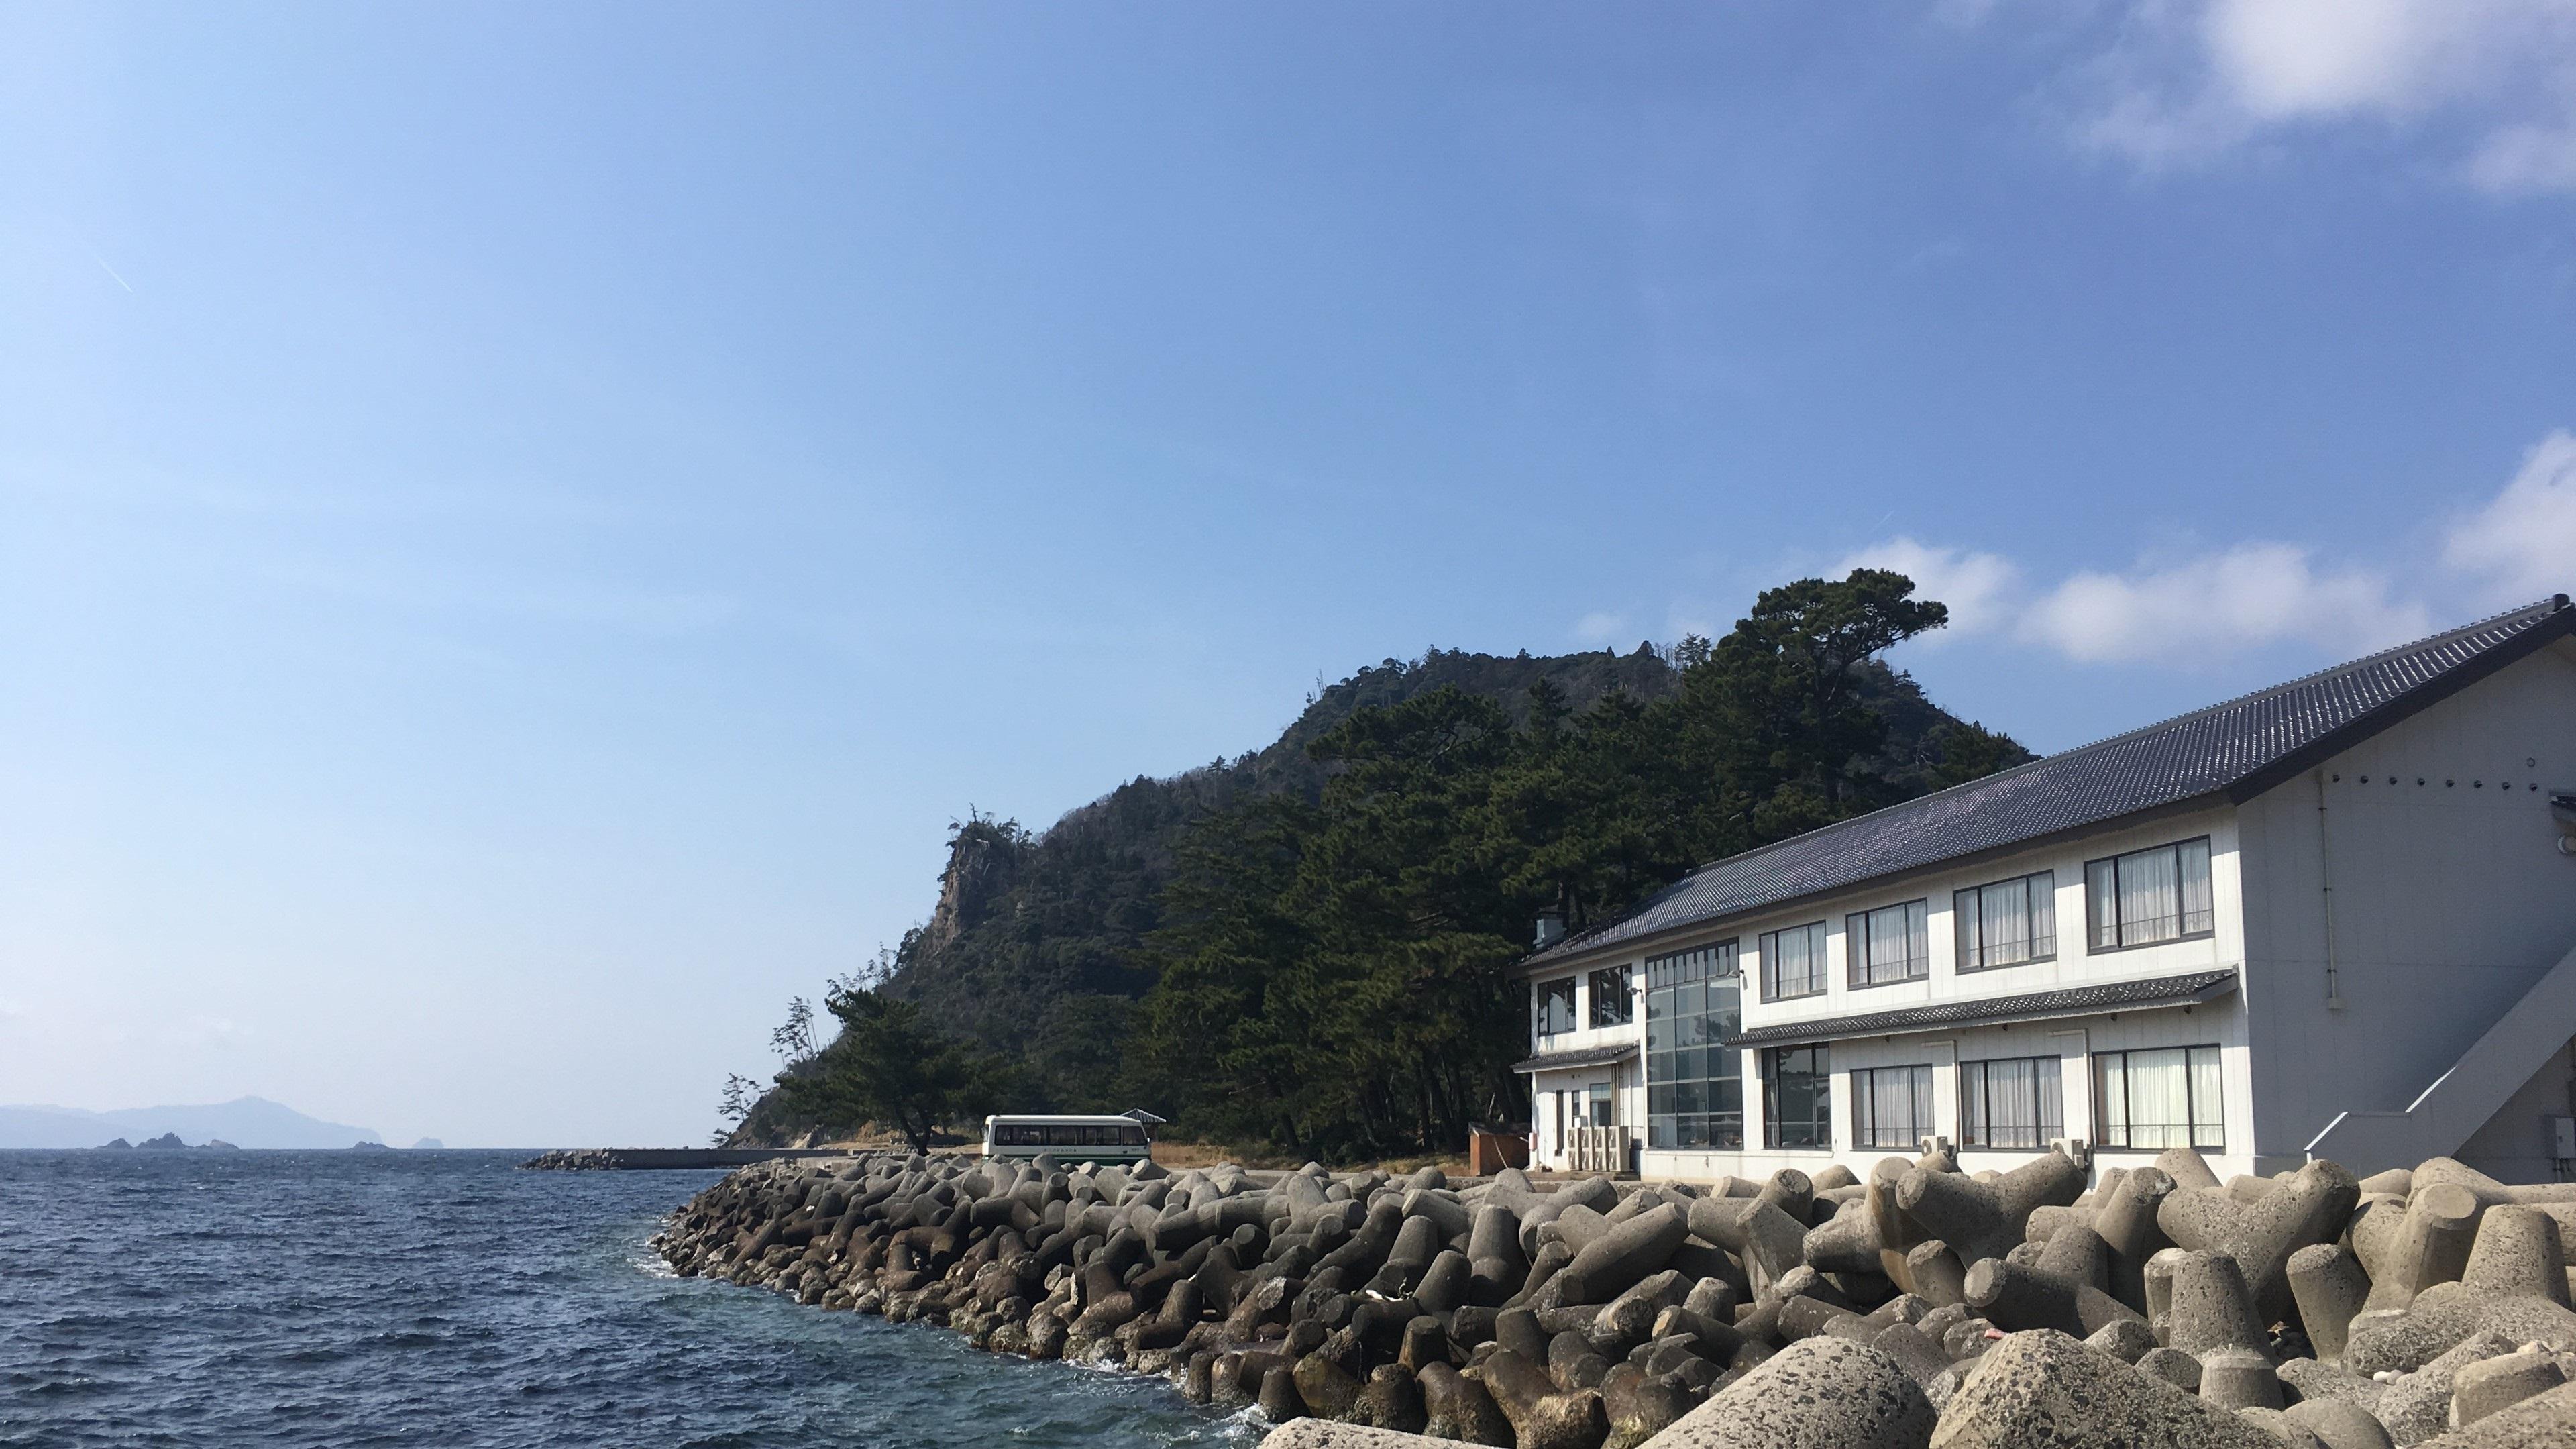 しまね故郷料理認証の宿 羽衣荘 <隠岐諸島>